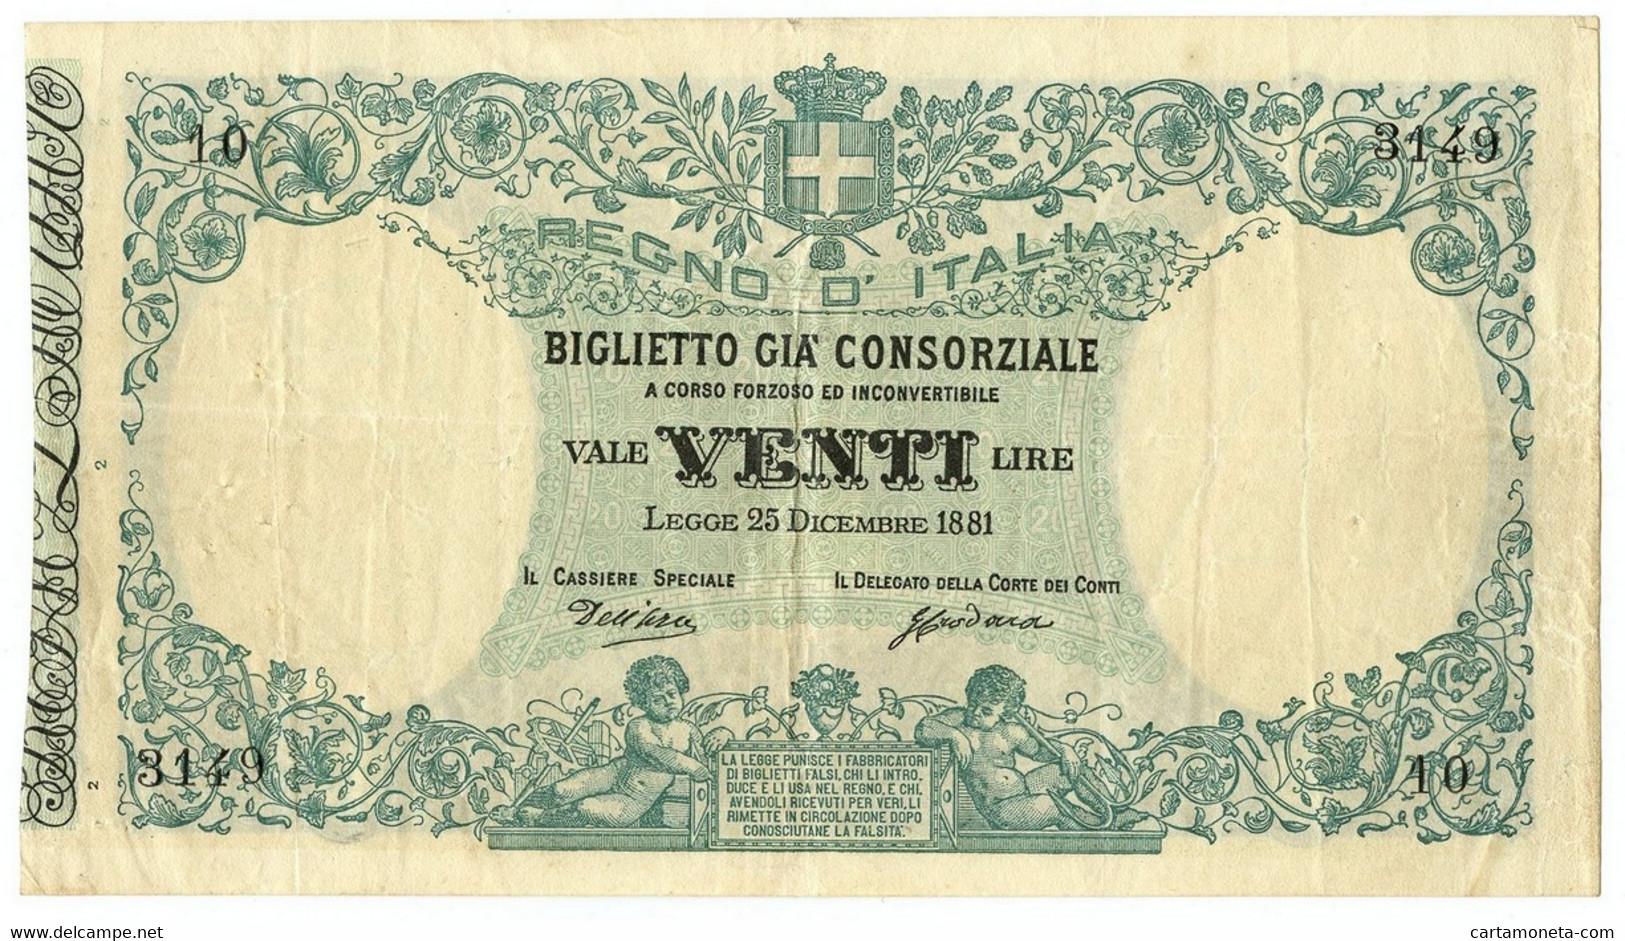 20 LIRE ESEMPLARE CATALOGO CRAPANZANO BIGLIETTO GIÀ CONSORZIALE 25/12/1881 BB+ - Biglietti Gia Consorziale